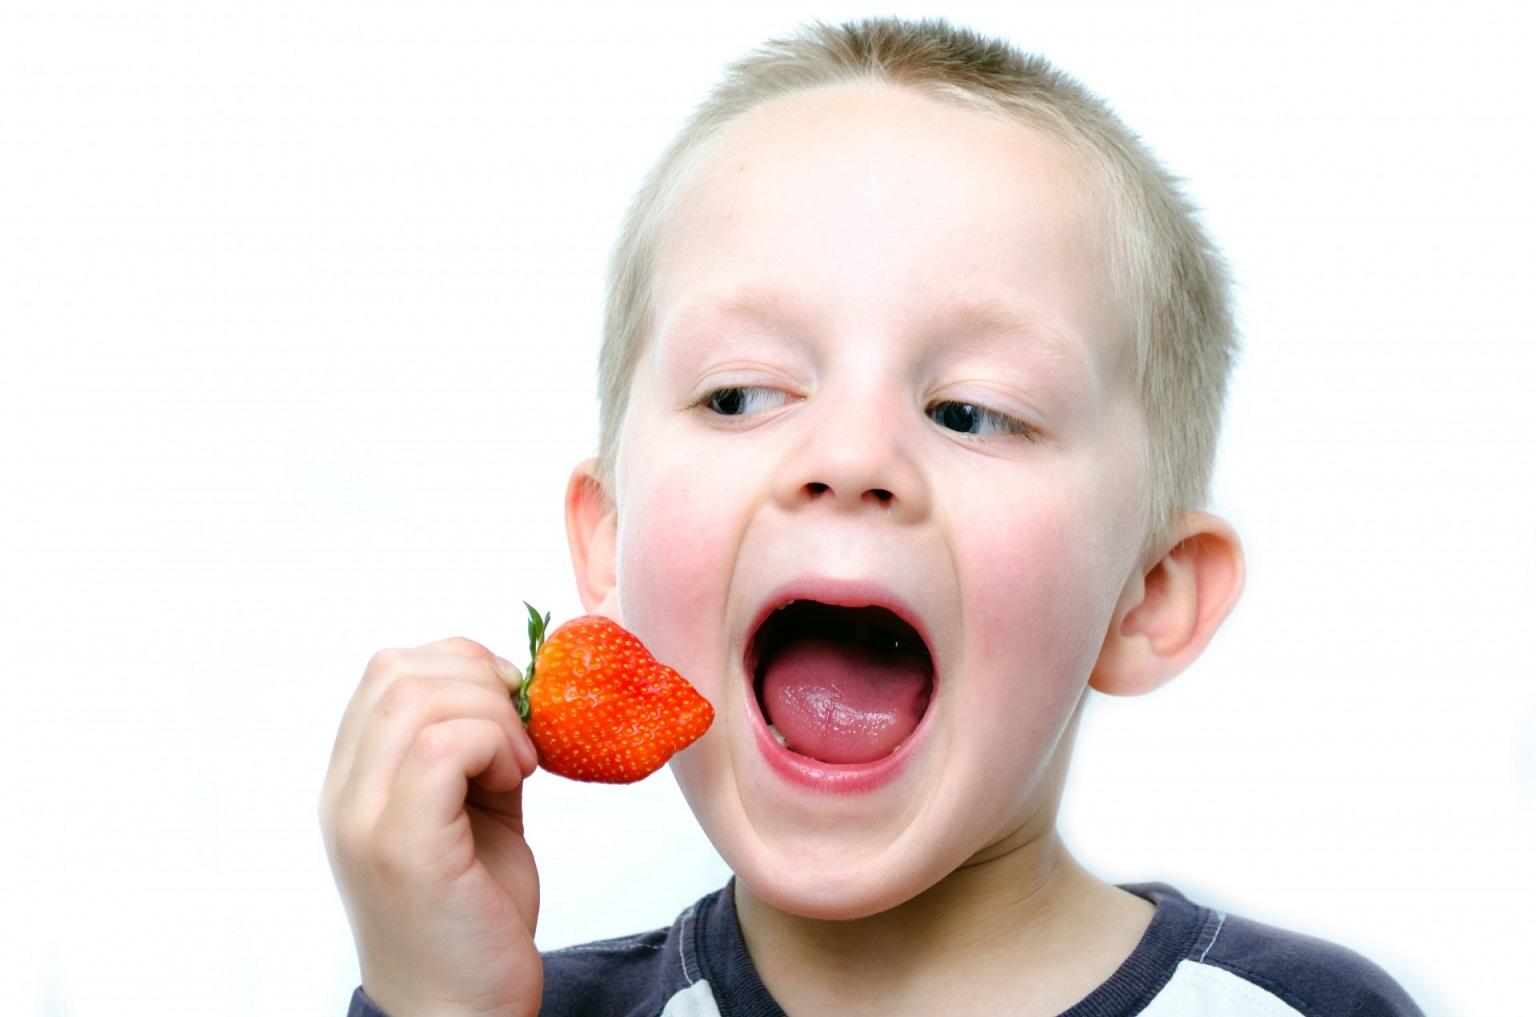 tips for picky children